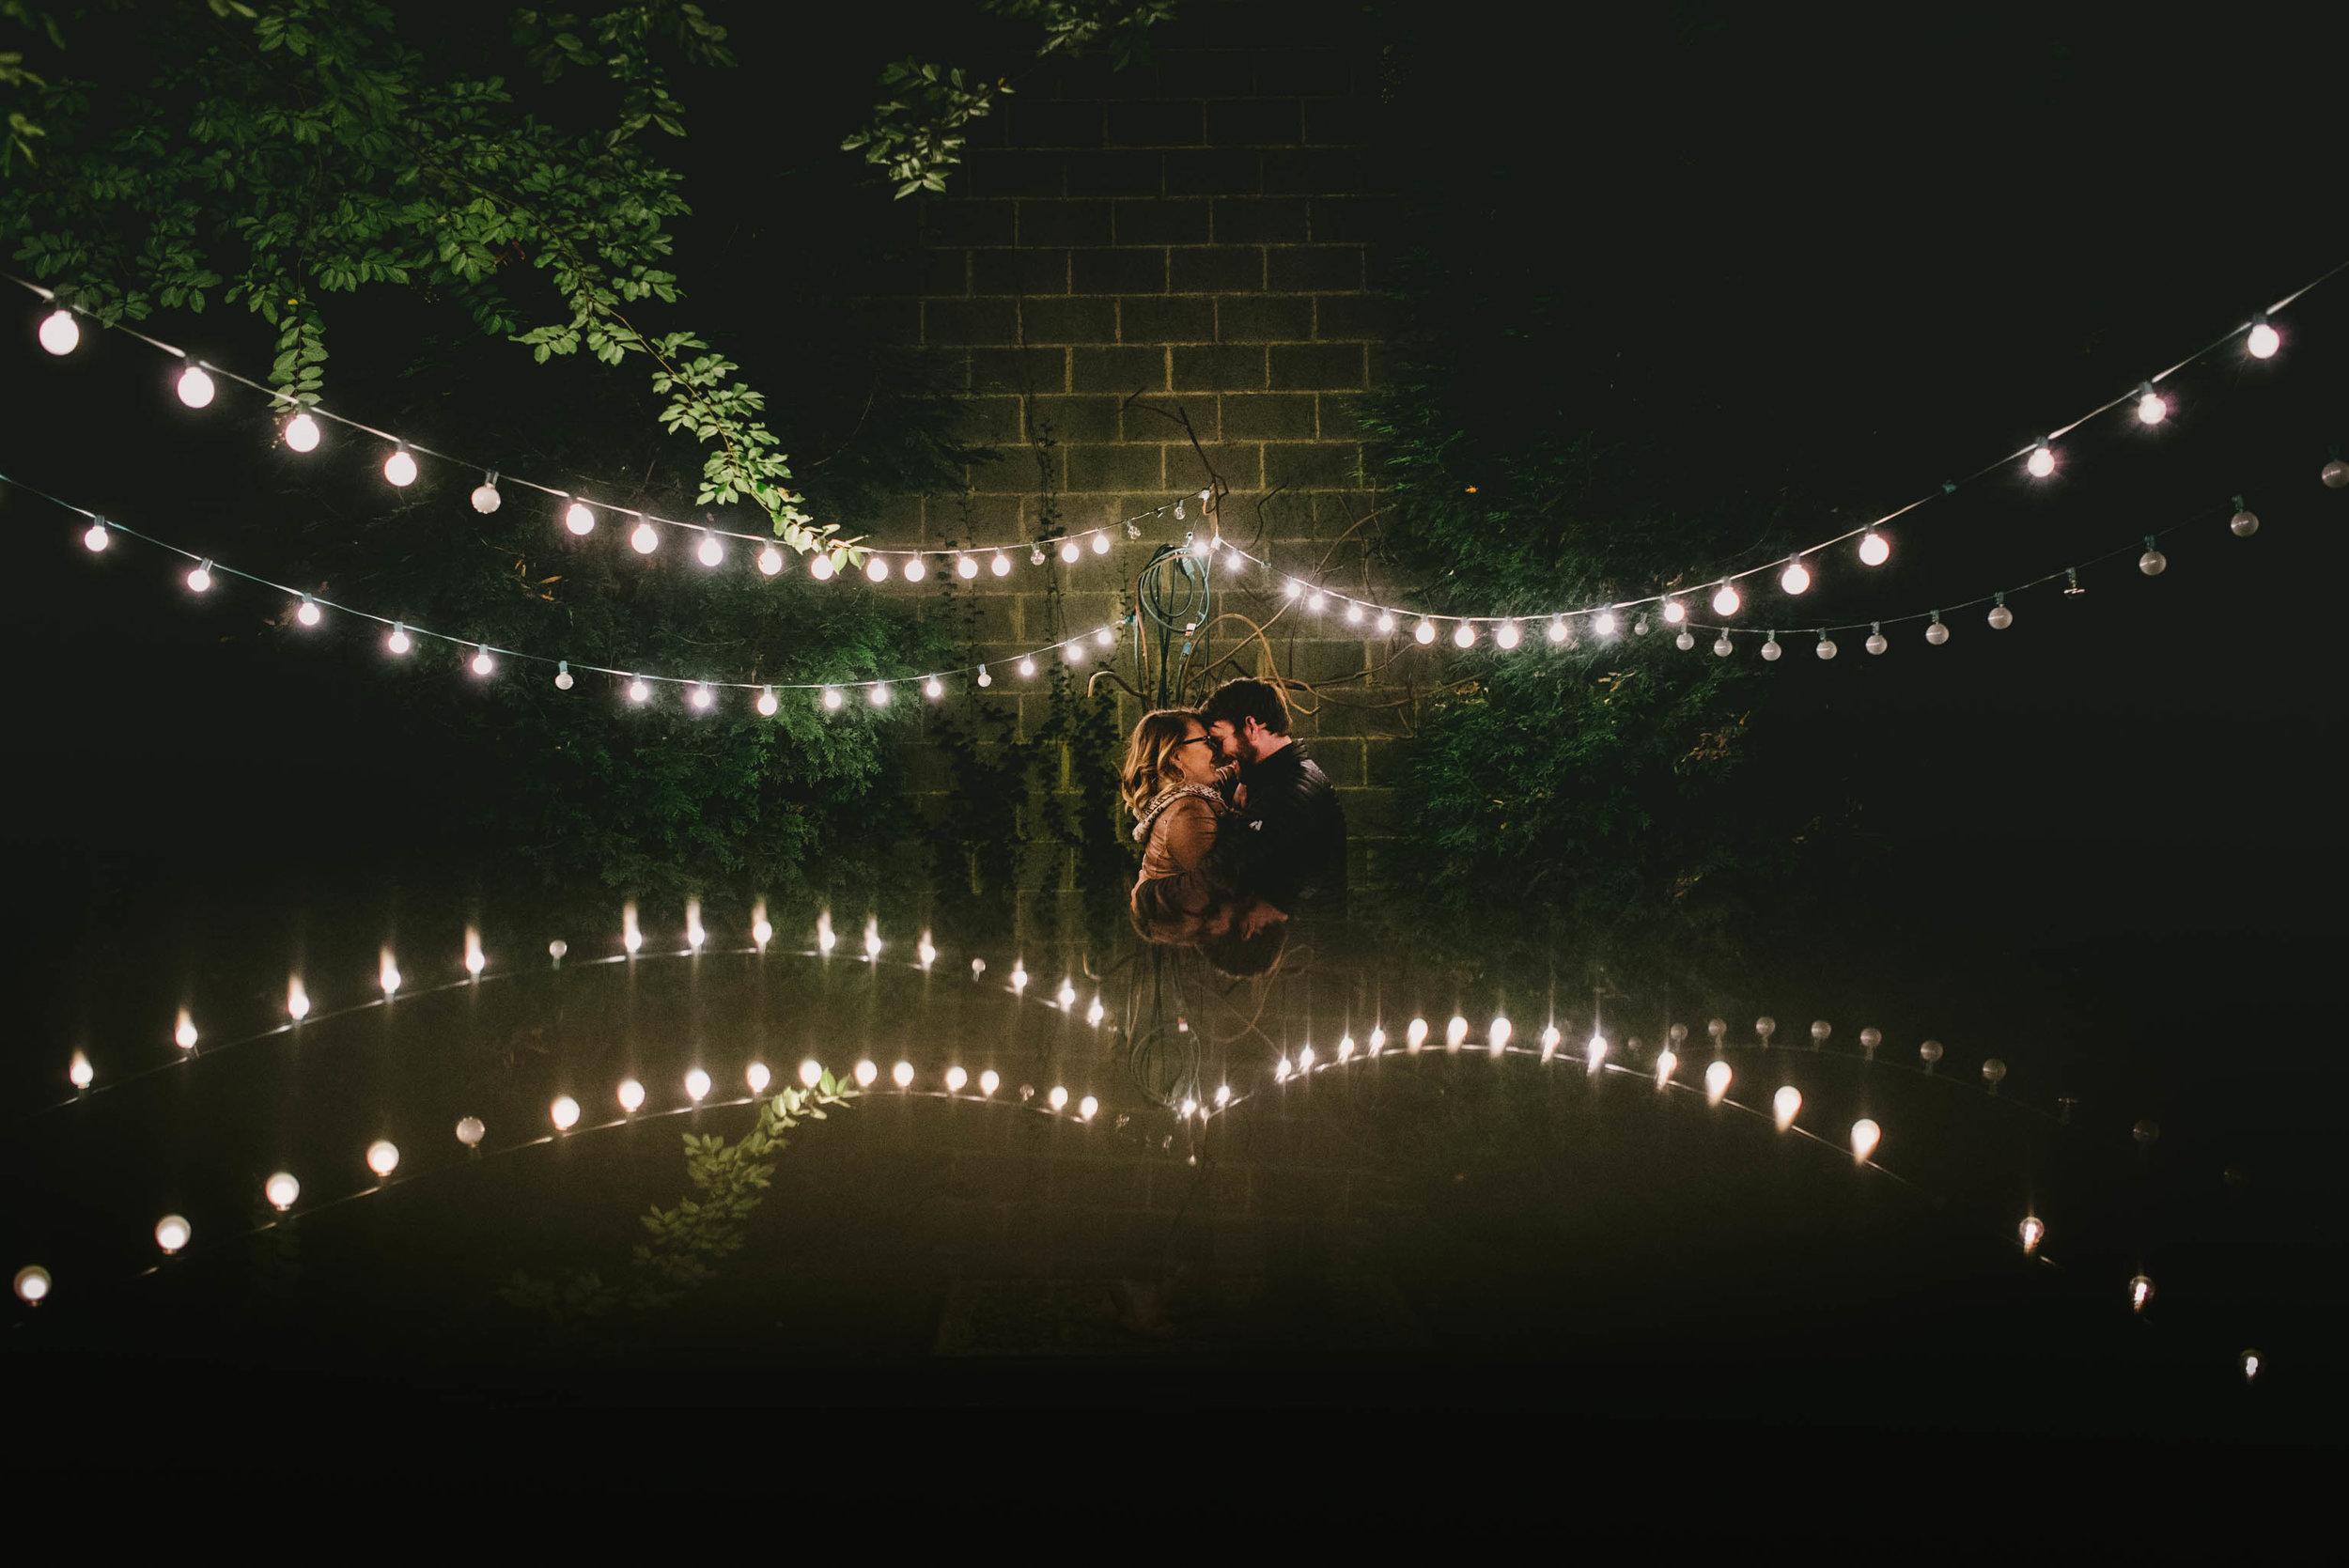 couple under the market lights of Lindley Park Filling Station